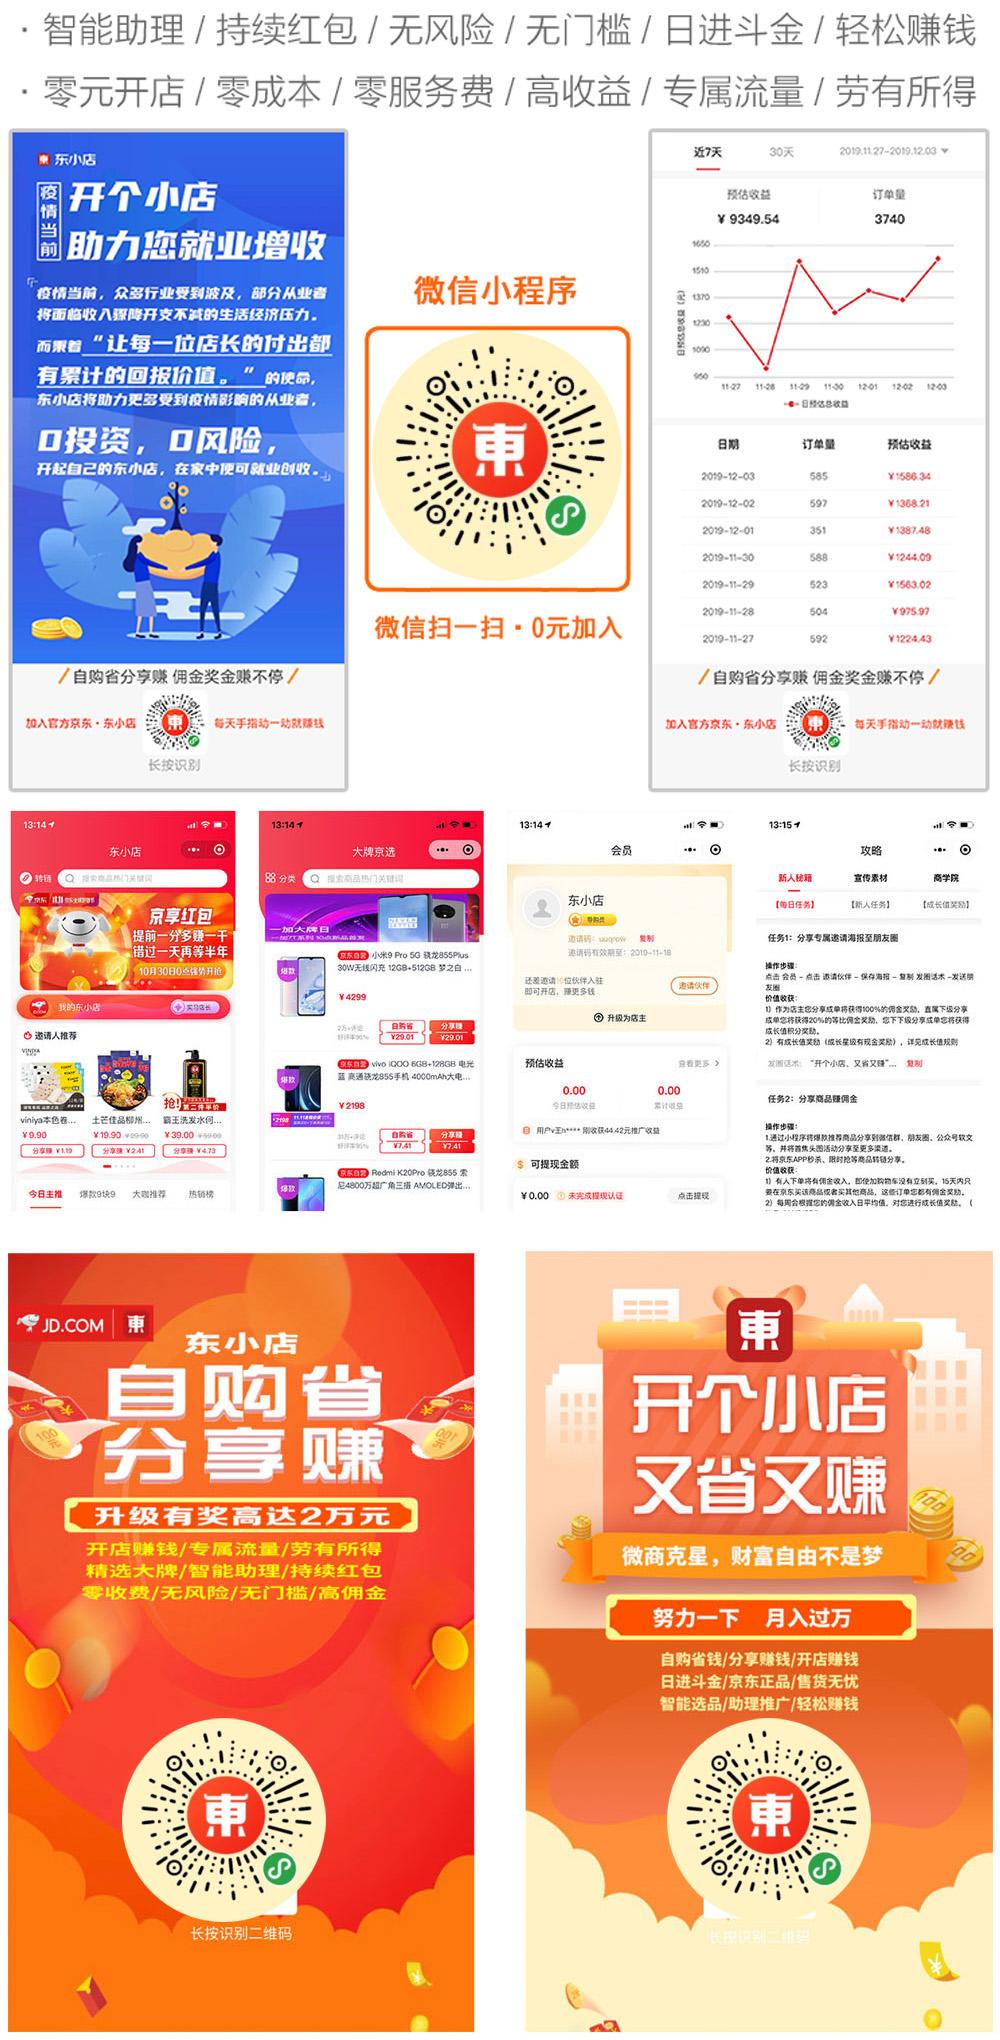 网络赚钱#东小店是京东100%控股直营的社交电商平台,特别推出的小程序社交电商平台赚钱就是这么简单!